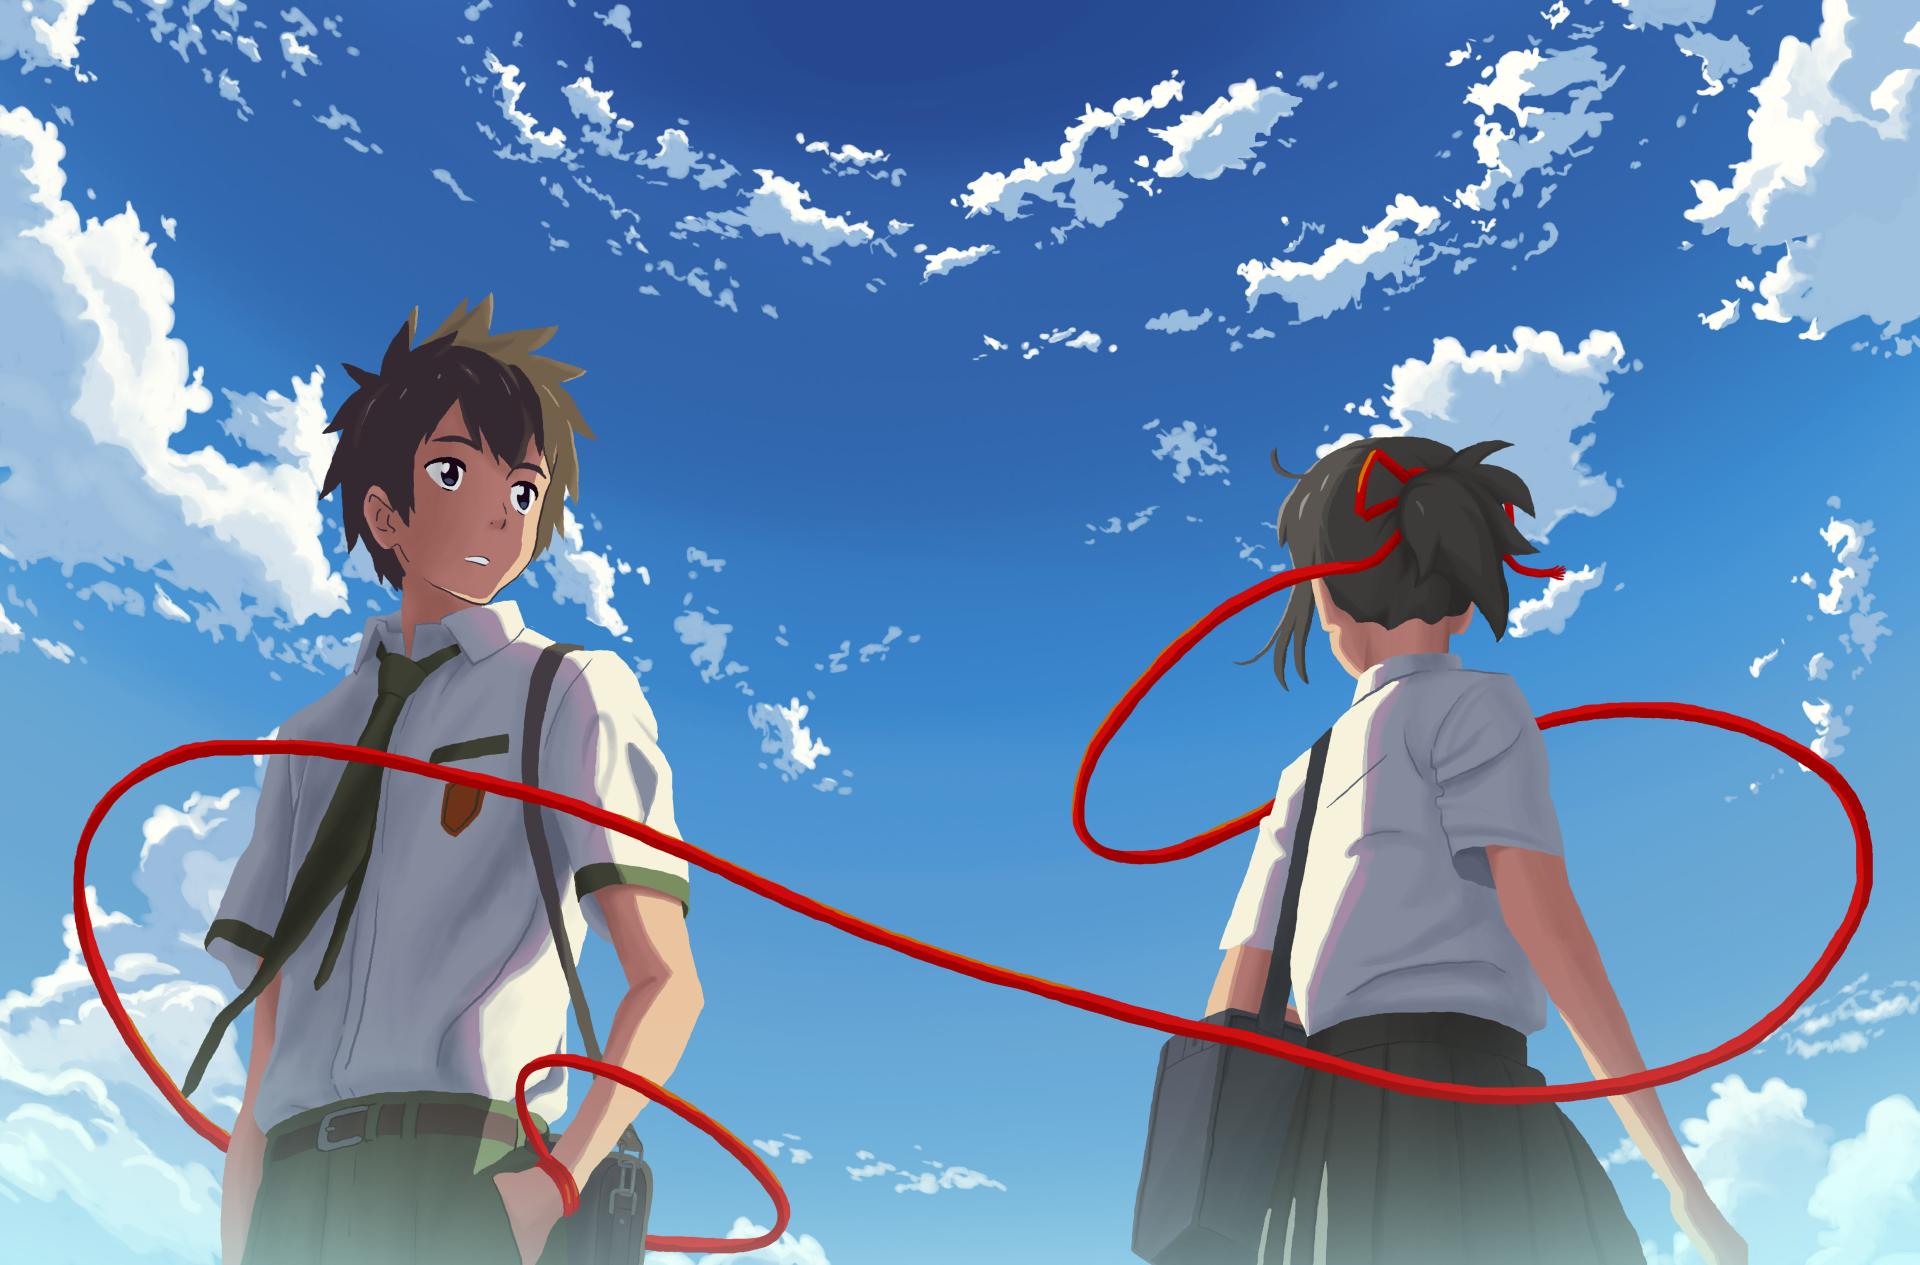 Hd wallpaper kimi no na wa - Kimi No Na Wa Mitsuha Miyamizu Taki Tachibana Hd Wallpaper Background Id 737547